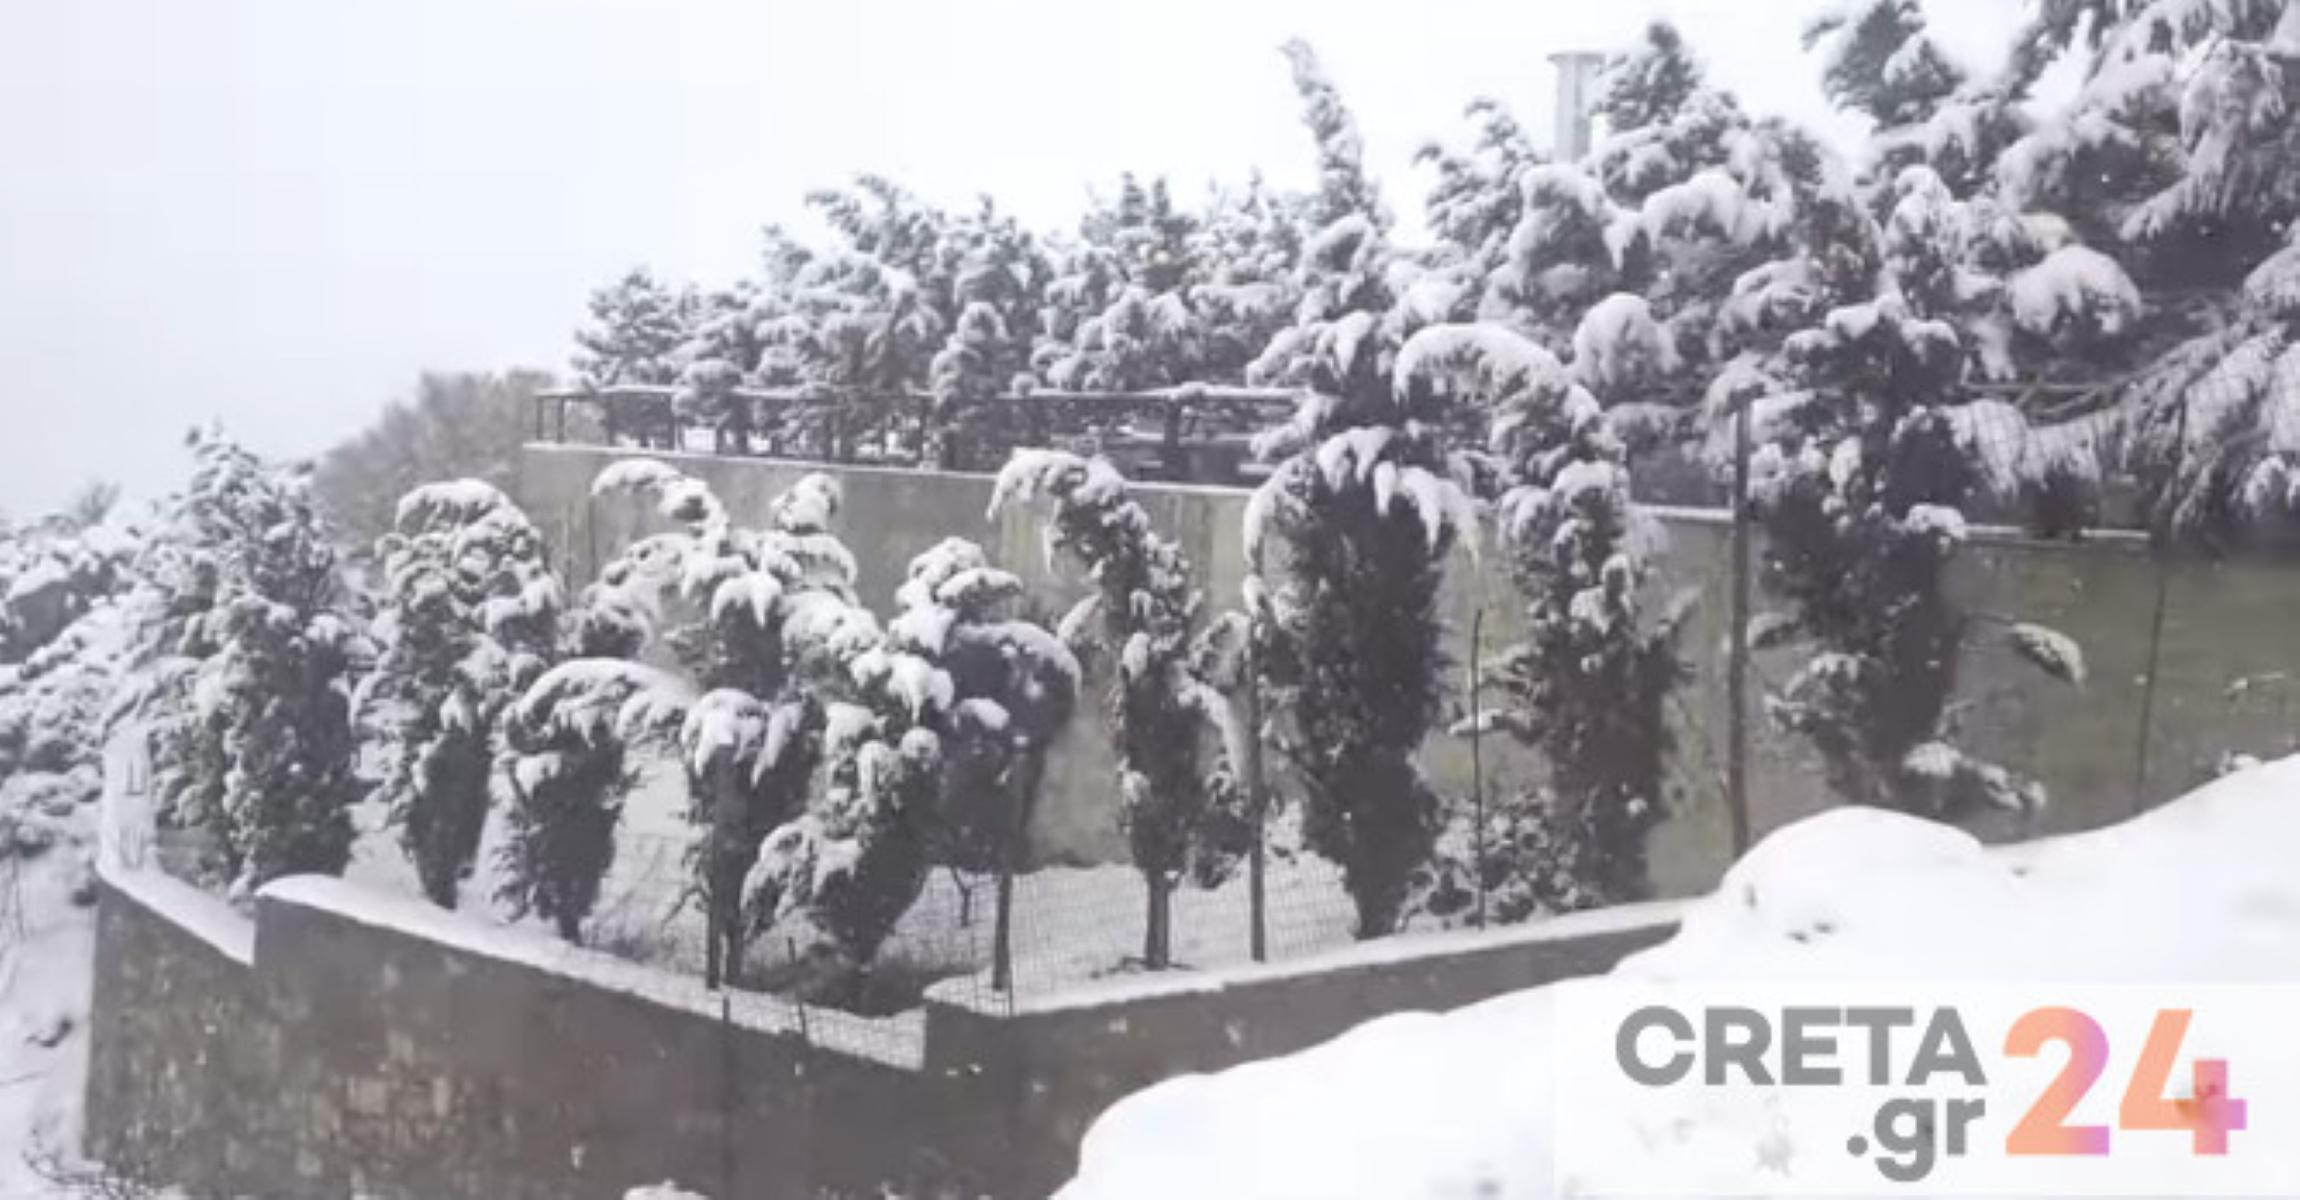 Καιρός – Κρήτη: Με χιόνια γιόρτασαν την 25η Μαρτίου (pics)